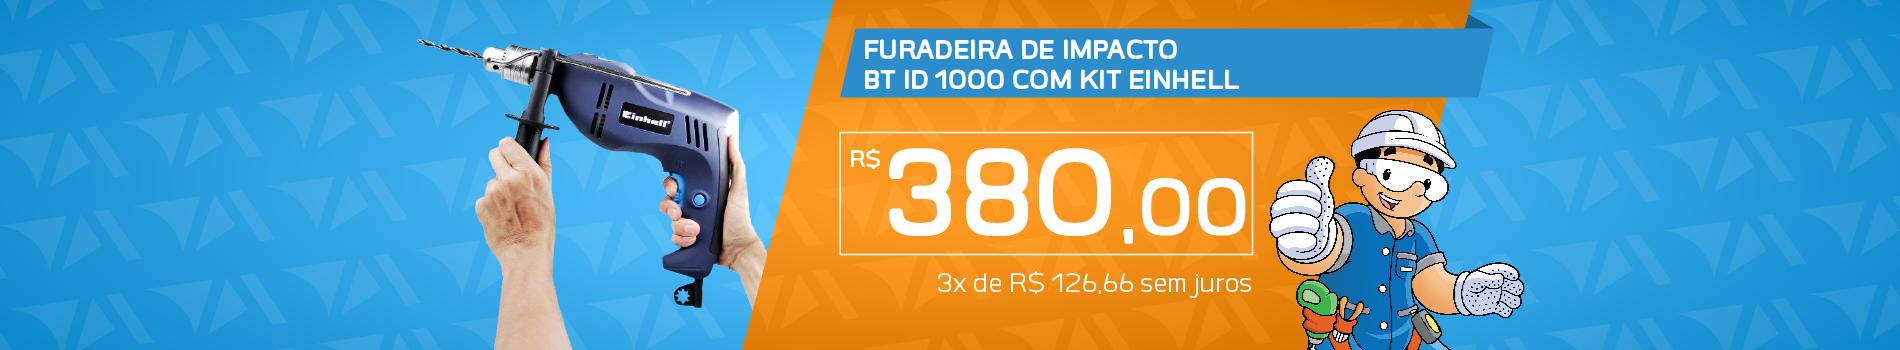 http://www.artesana.com.br/produto/furadeira-de-impacto-bt-id-1000-com-kit-einhell-66963